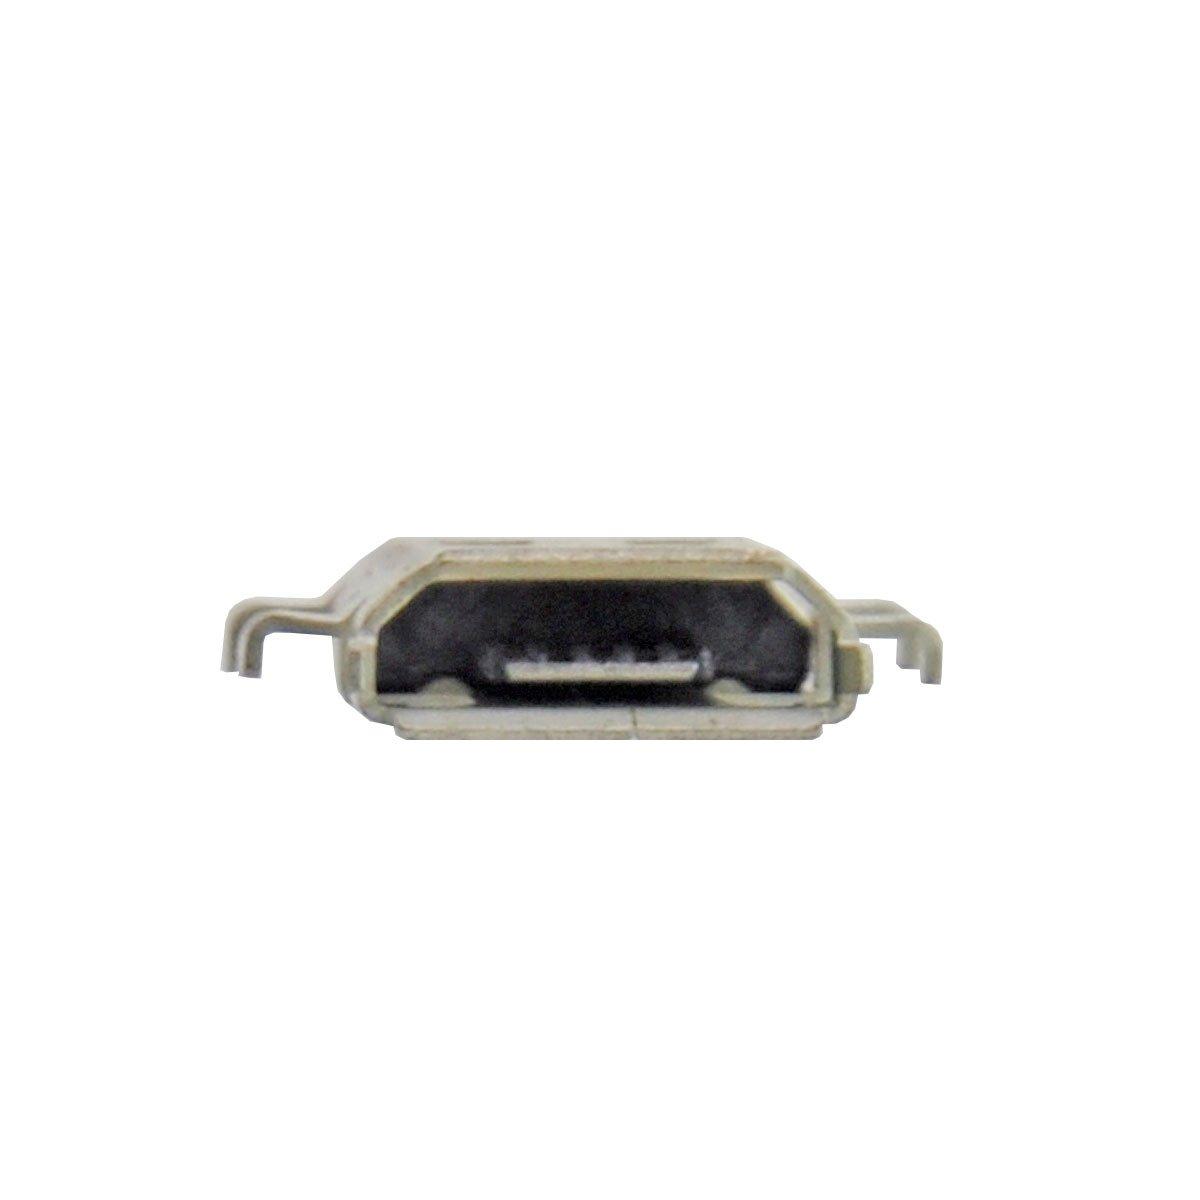 Системный разъем для LG Optimus 3D (P920)